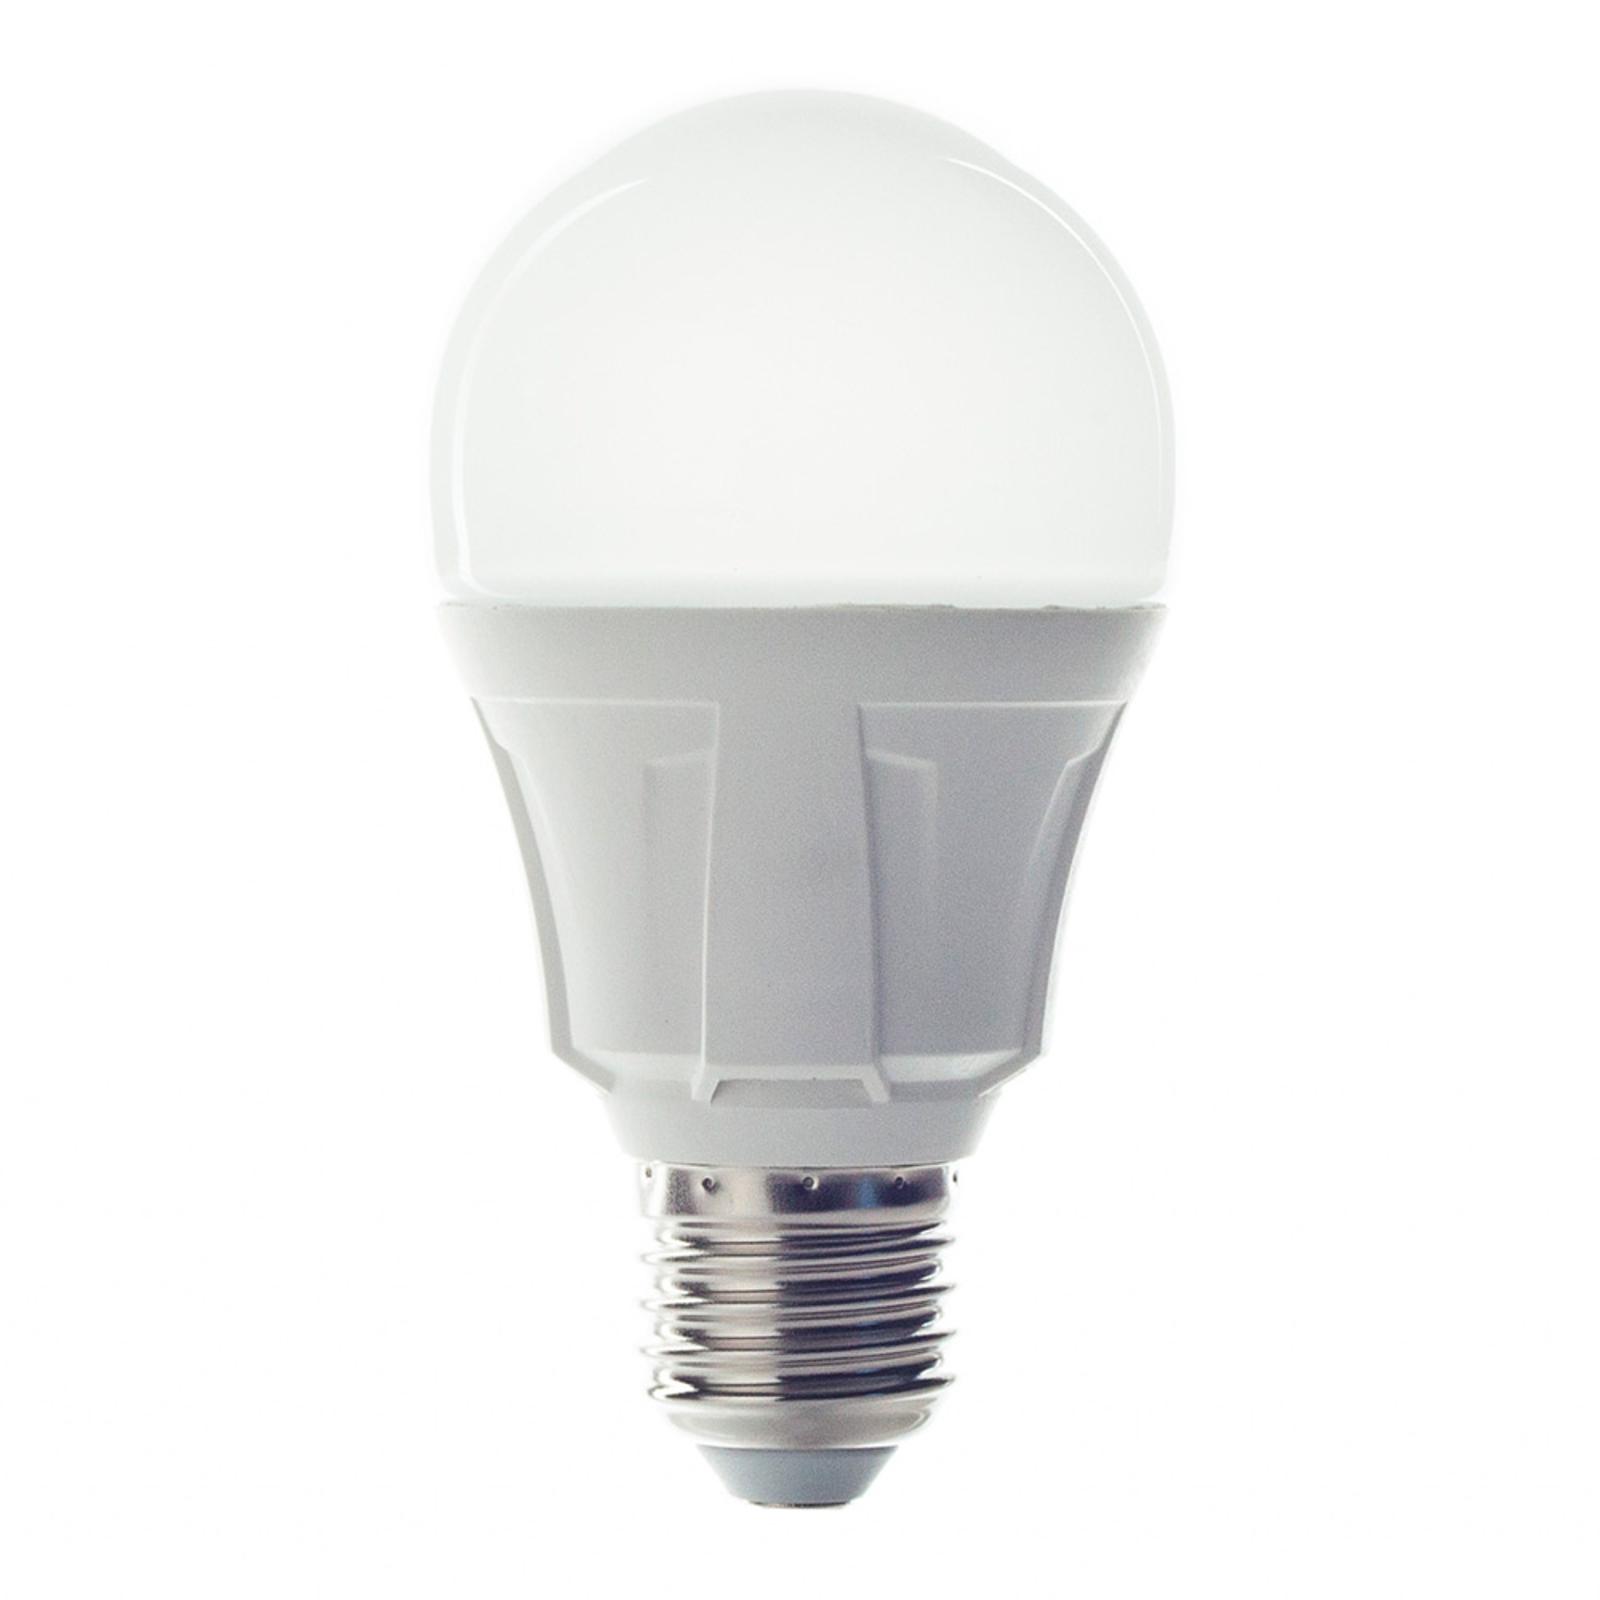 Ampoule LED E27 9W 830 blanc chaud